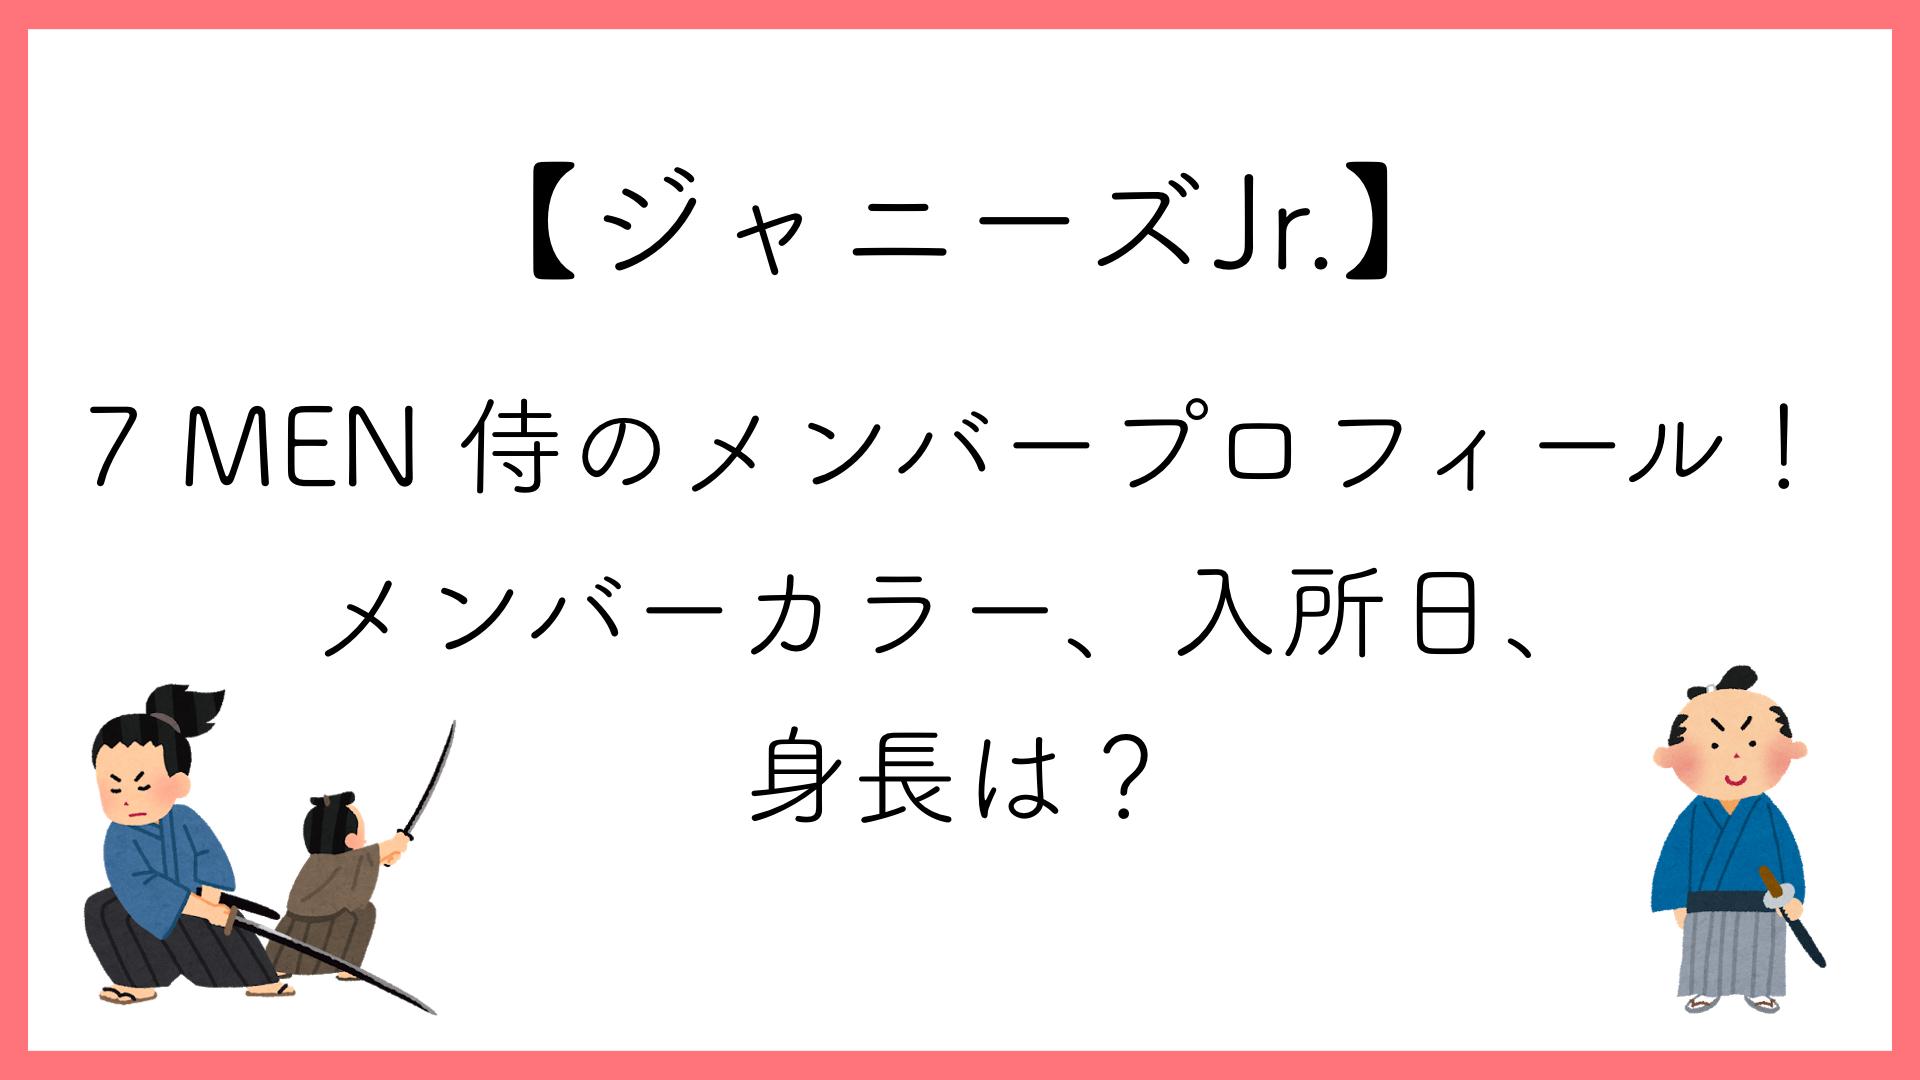 【ジャニーズJr.】7 MEN 侍メンバープロフィール!メンバーカラー、結成日、入所日は?